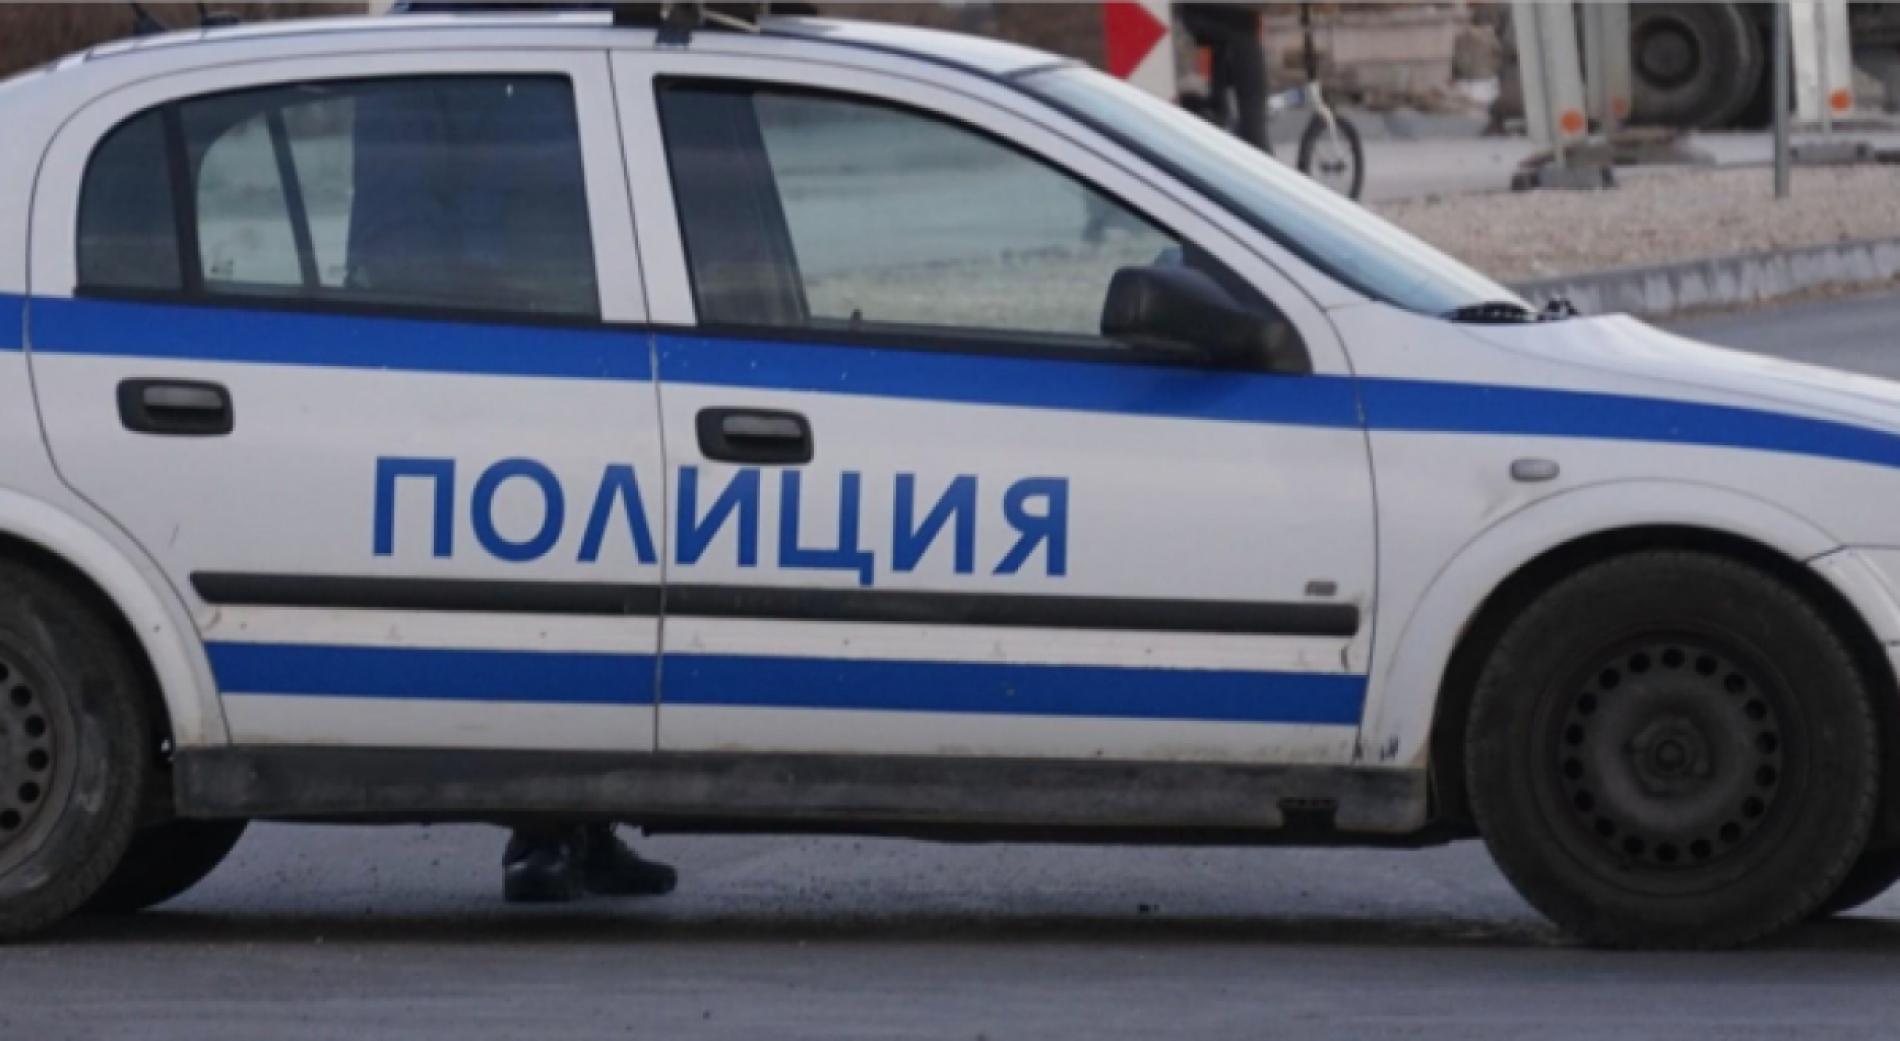 Российский гражданин погиб вчера ночью в результате аварии между Равдой и Несебром